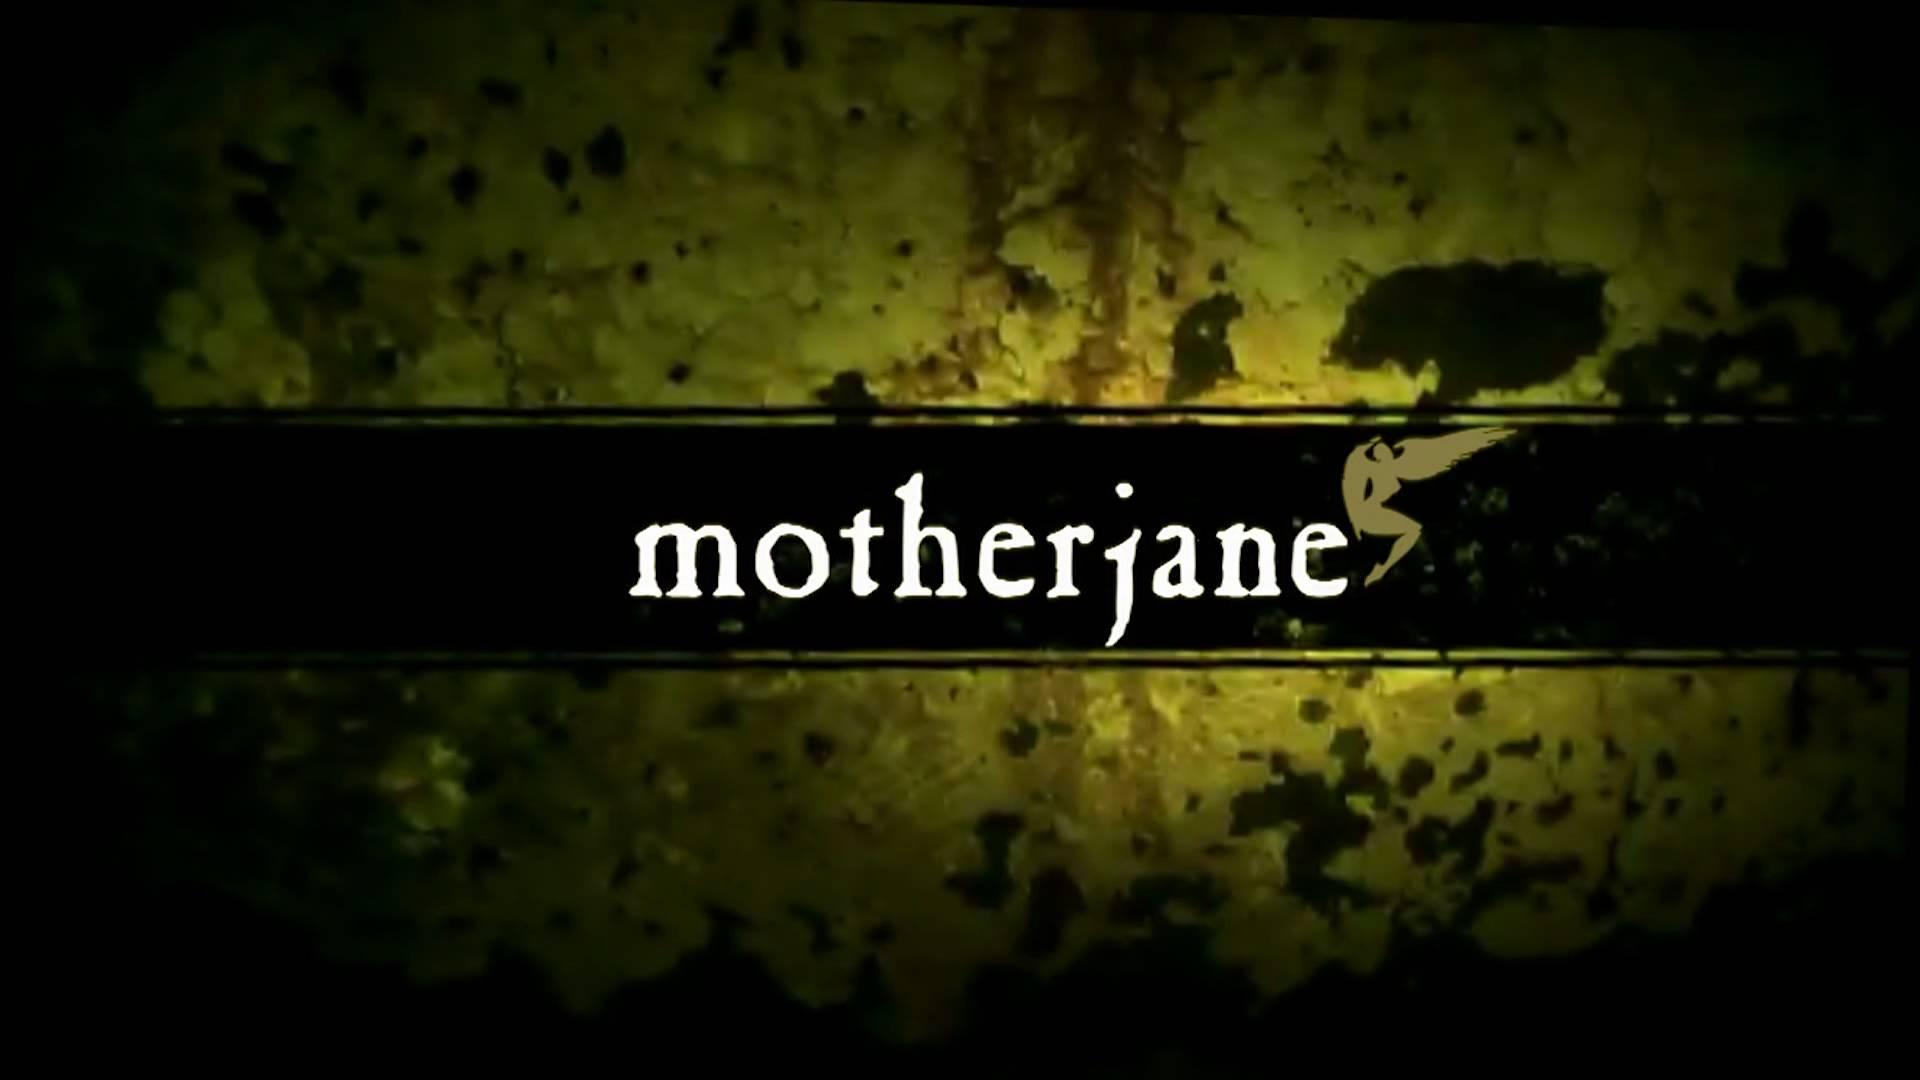 Motherjane Image